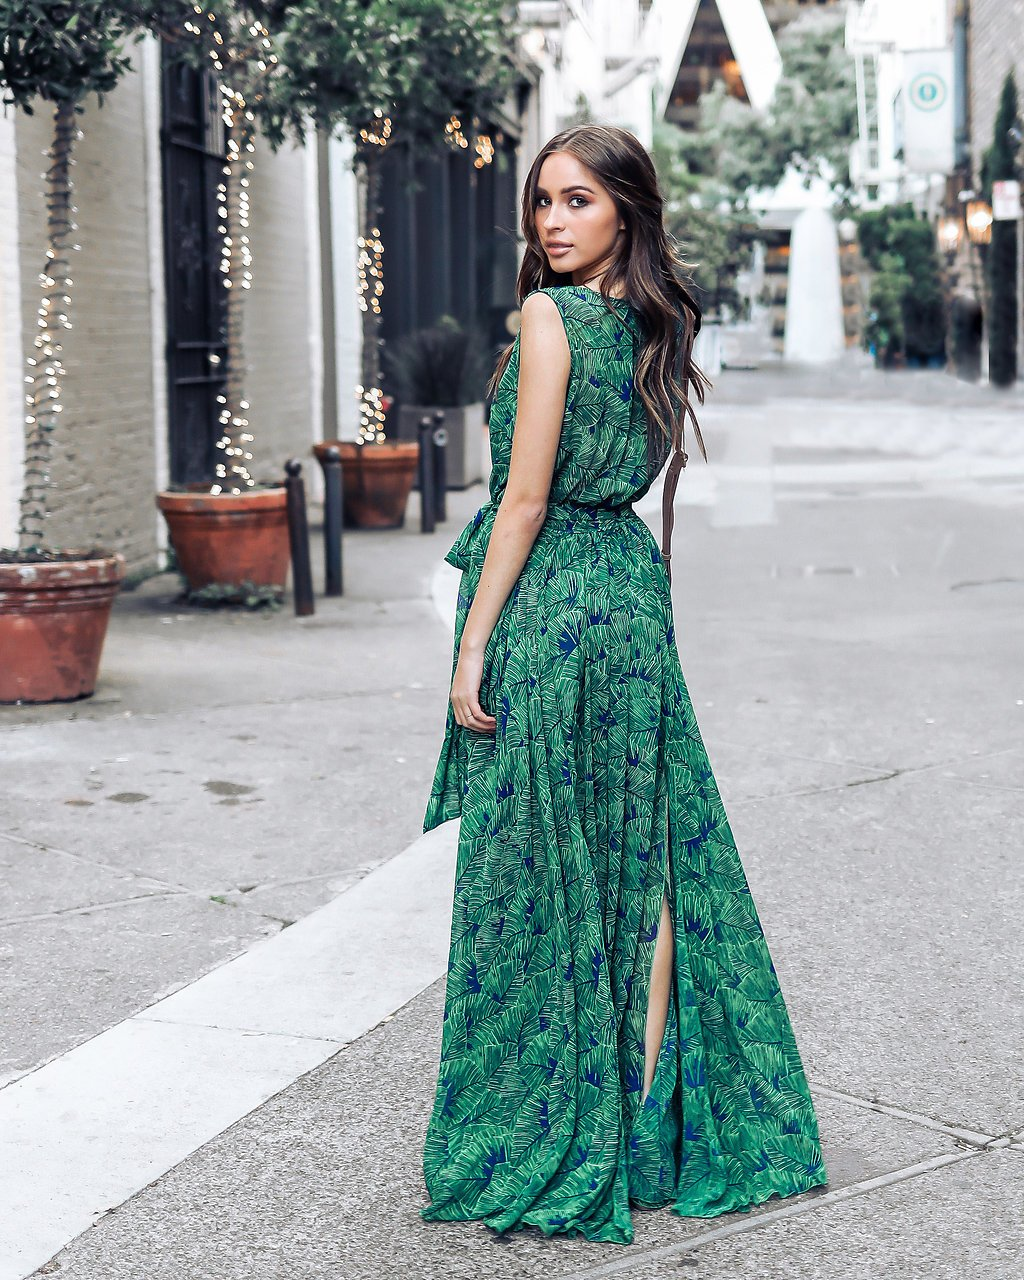 e9c376d999234 Bohemian Floral Maxi Dress Summer Green Retro Vintage V Neck Sexy ...